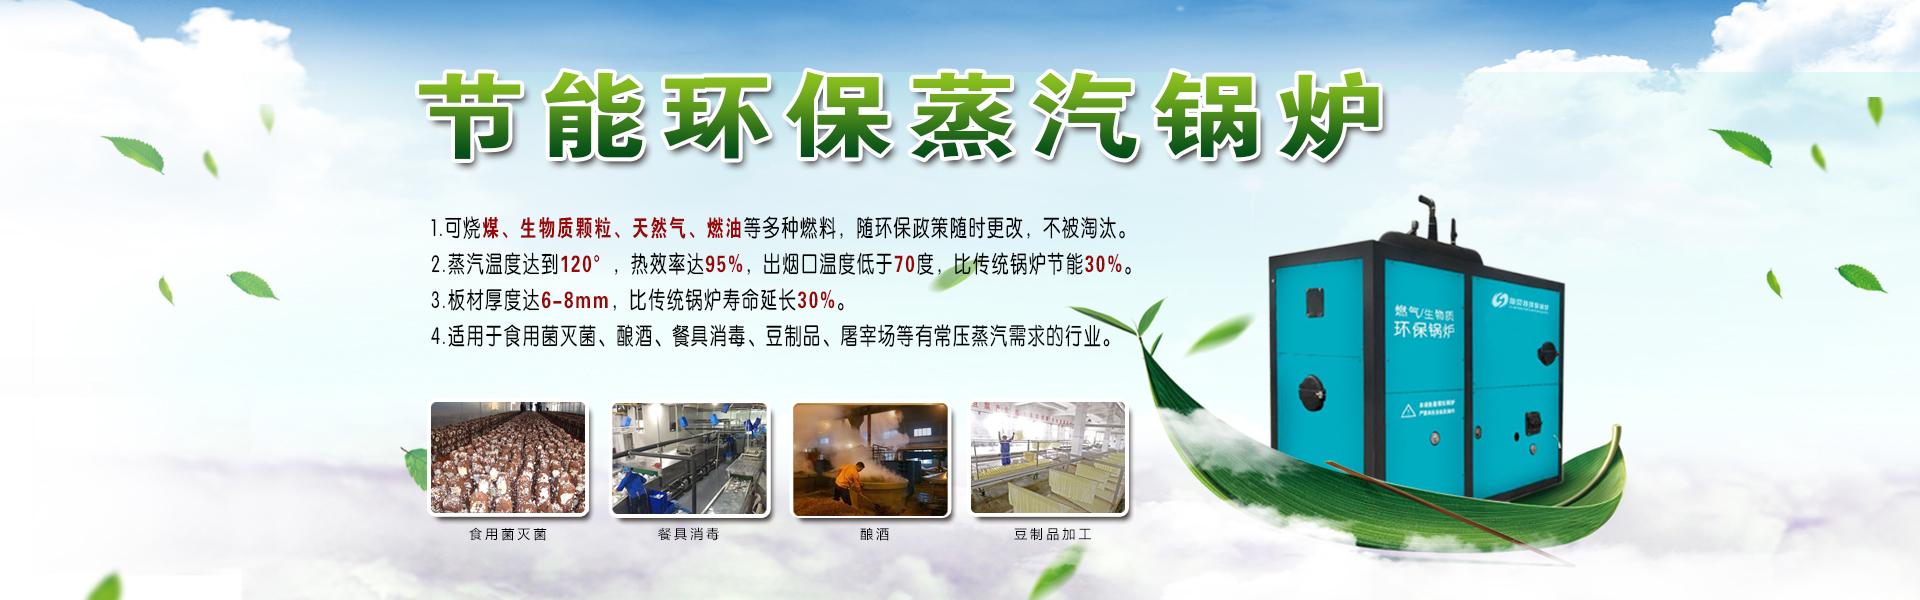 節能環保鍋爐,生物質鍋爐,燃氣(油)環保鍋爐,養殖鍋爐